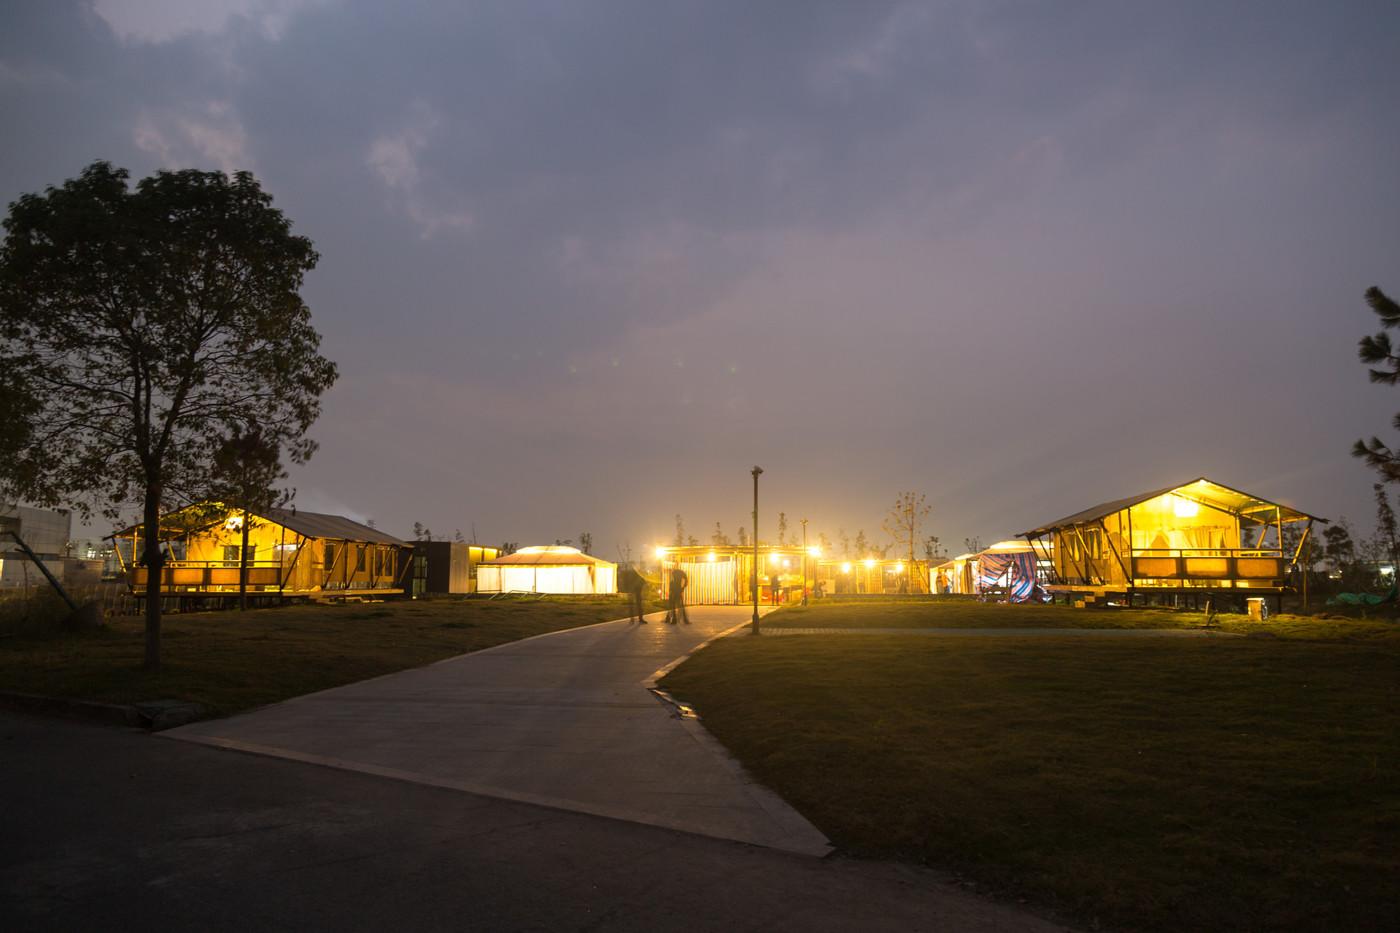 喜马拉雅野奢帐篷酒店—浙江留香之家露营地帐篷酒店(78平)13